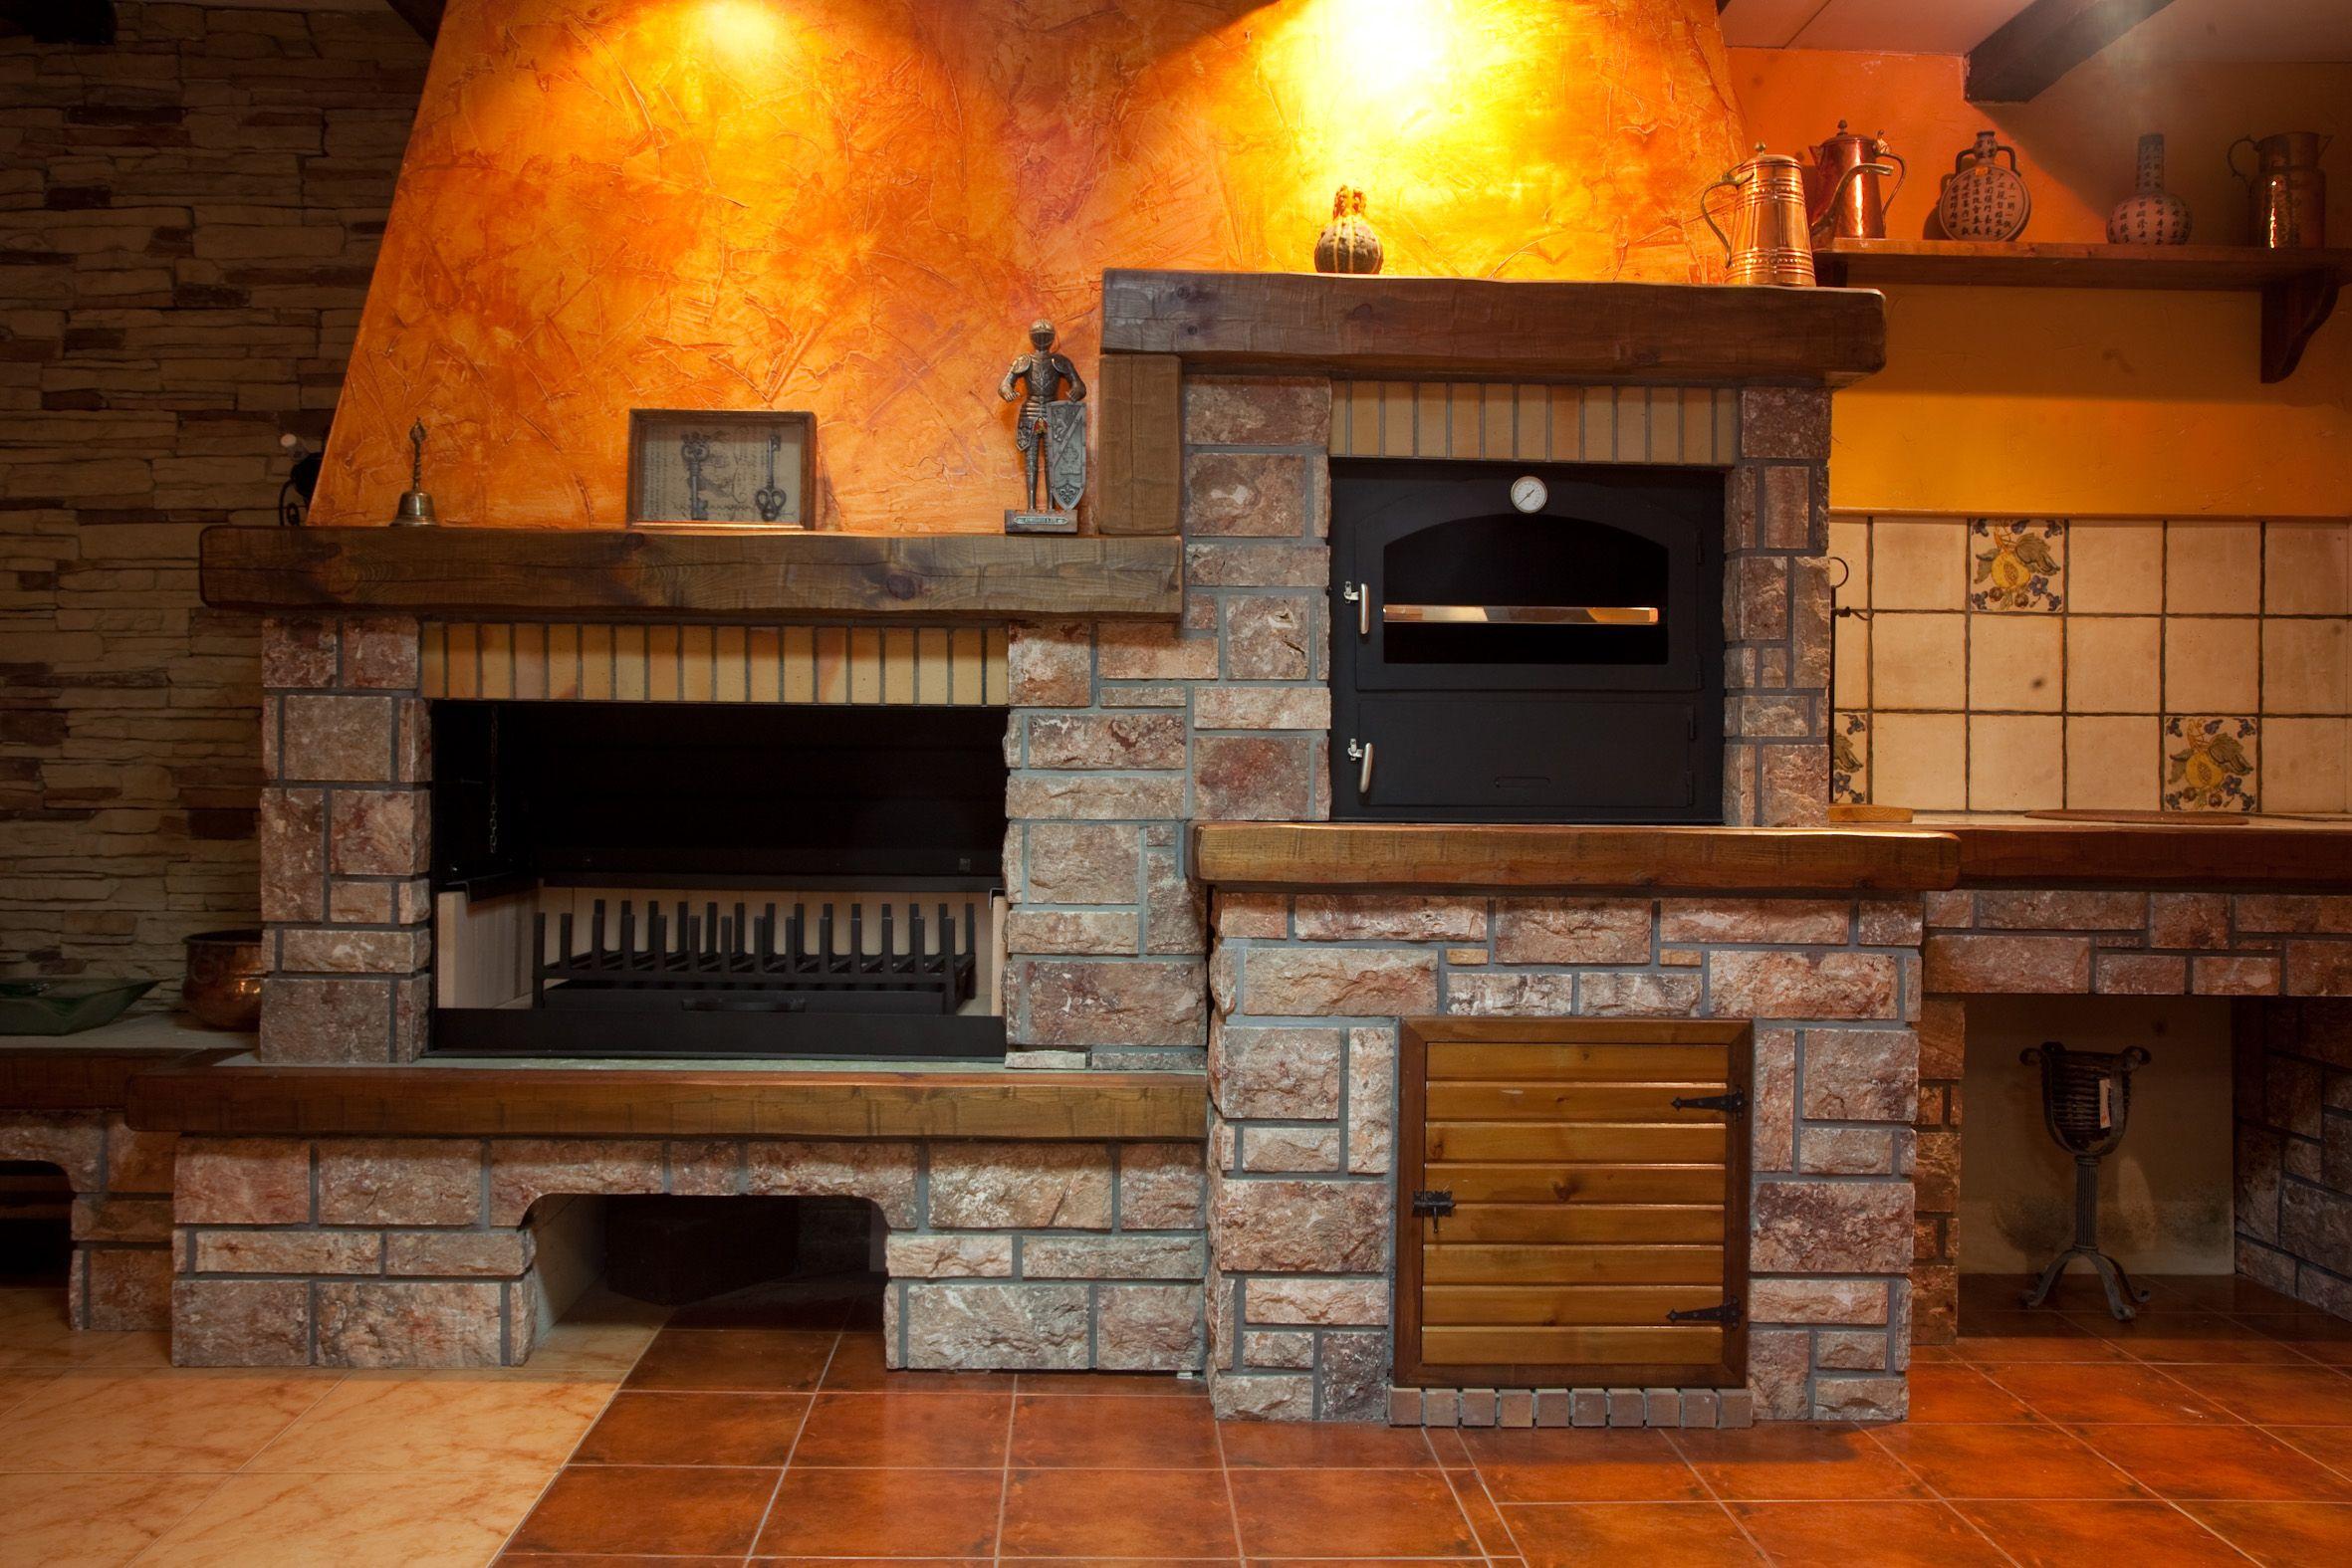 Foto 8 de Chimeneas y estufas en Villanueva de Gállego | Chimeneas López